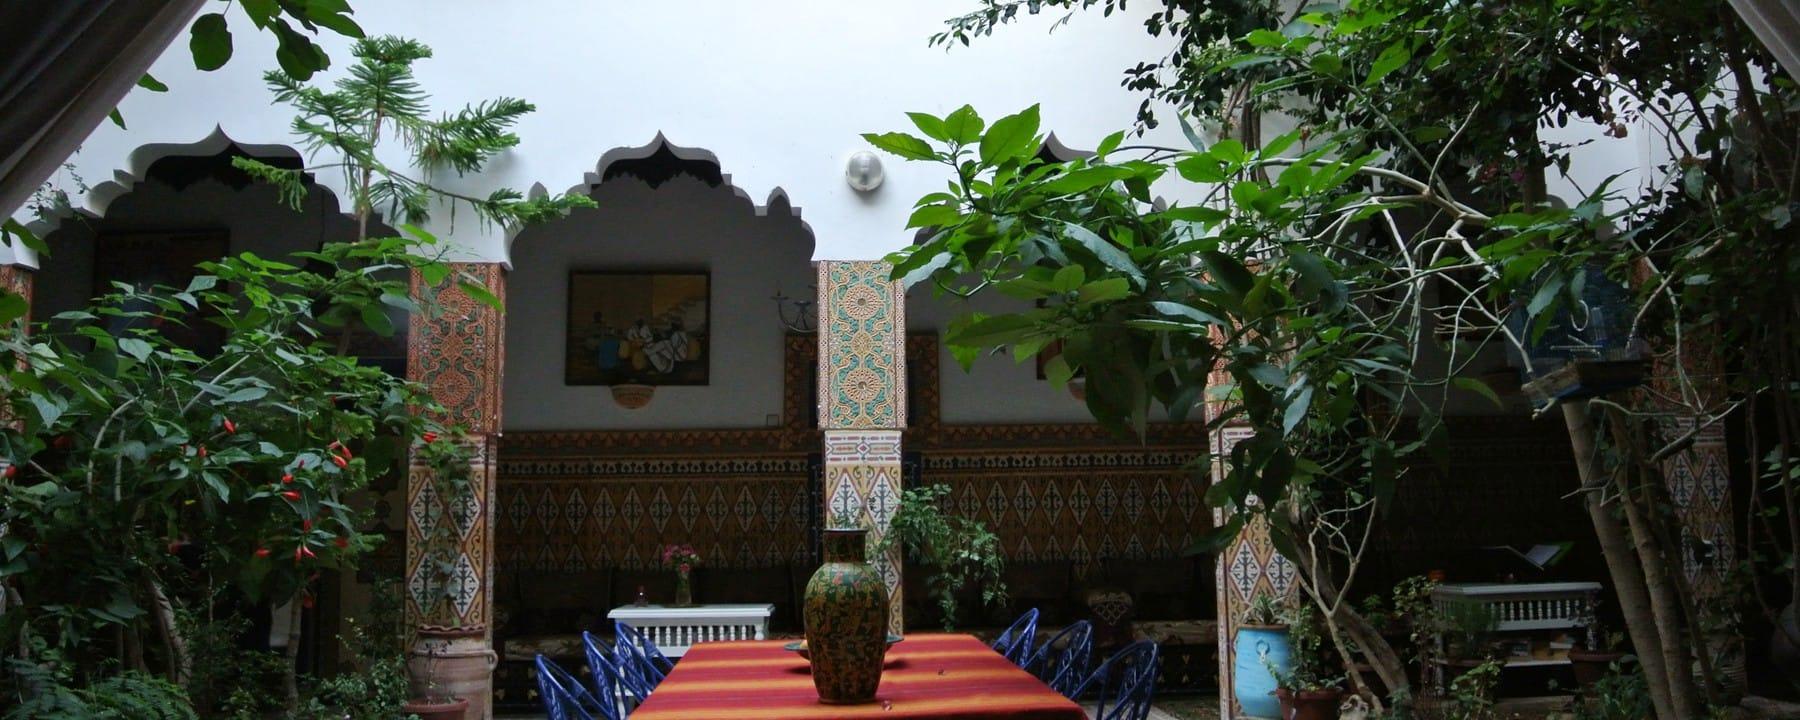 Morocco Riad Traditional Moroccan house with garden_Source NOSADE